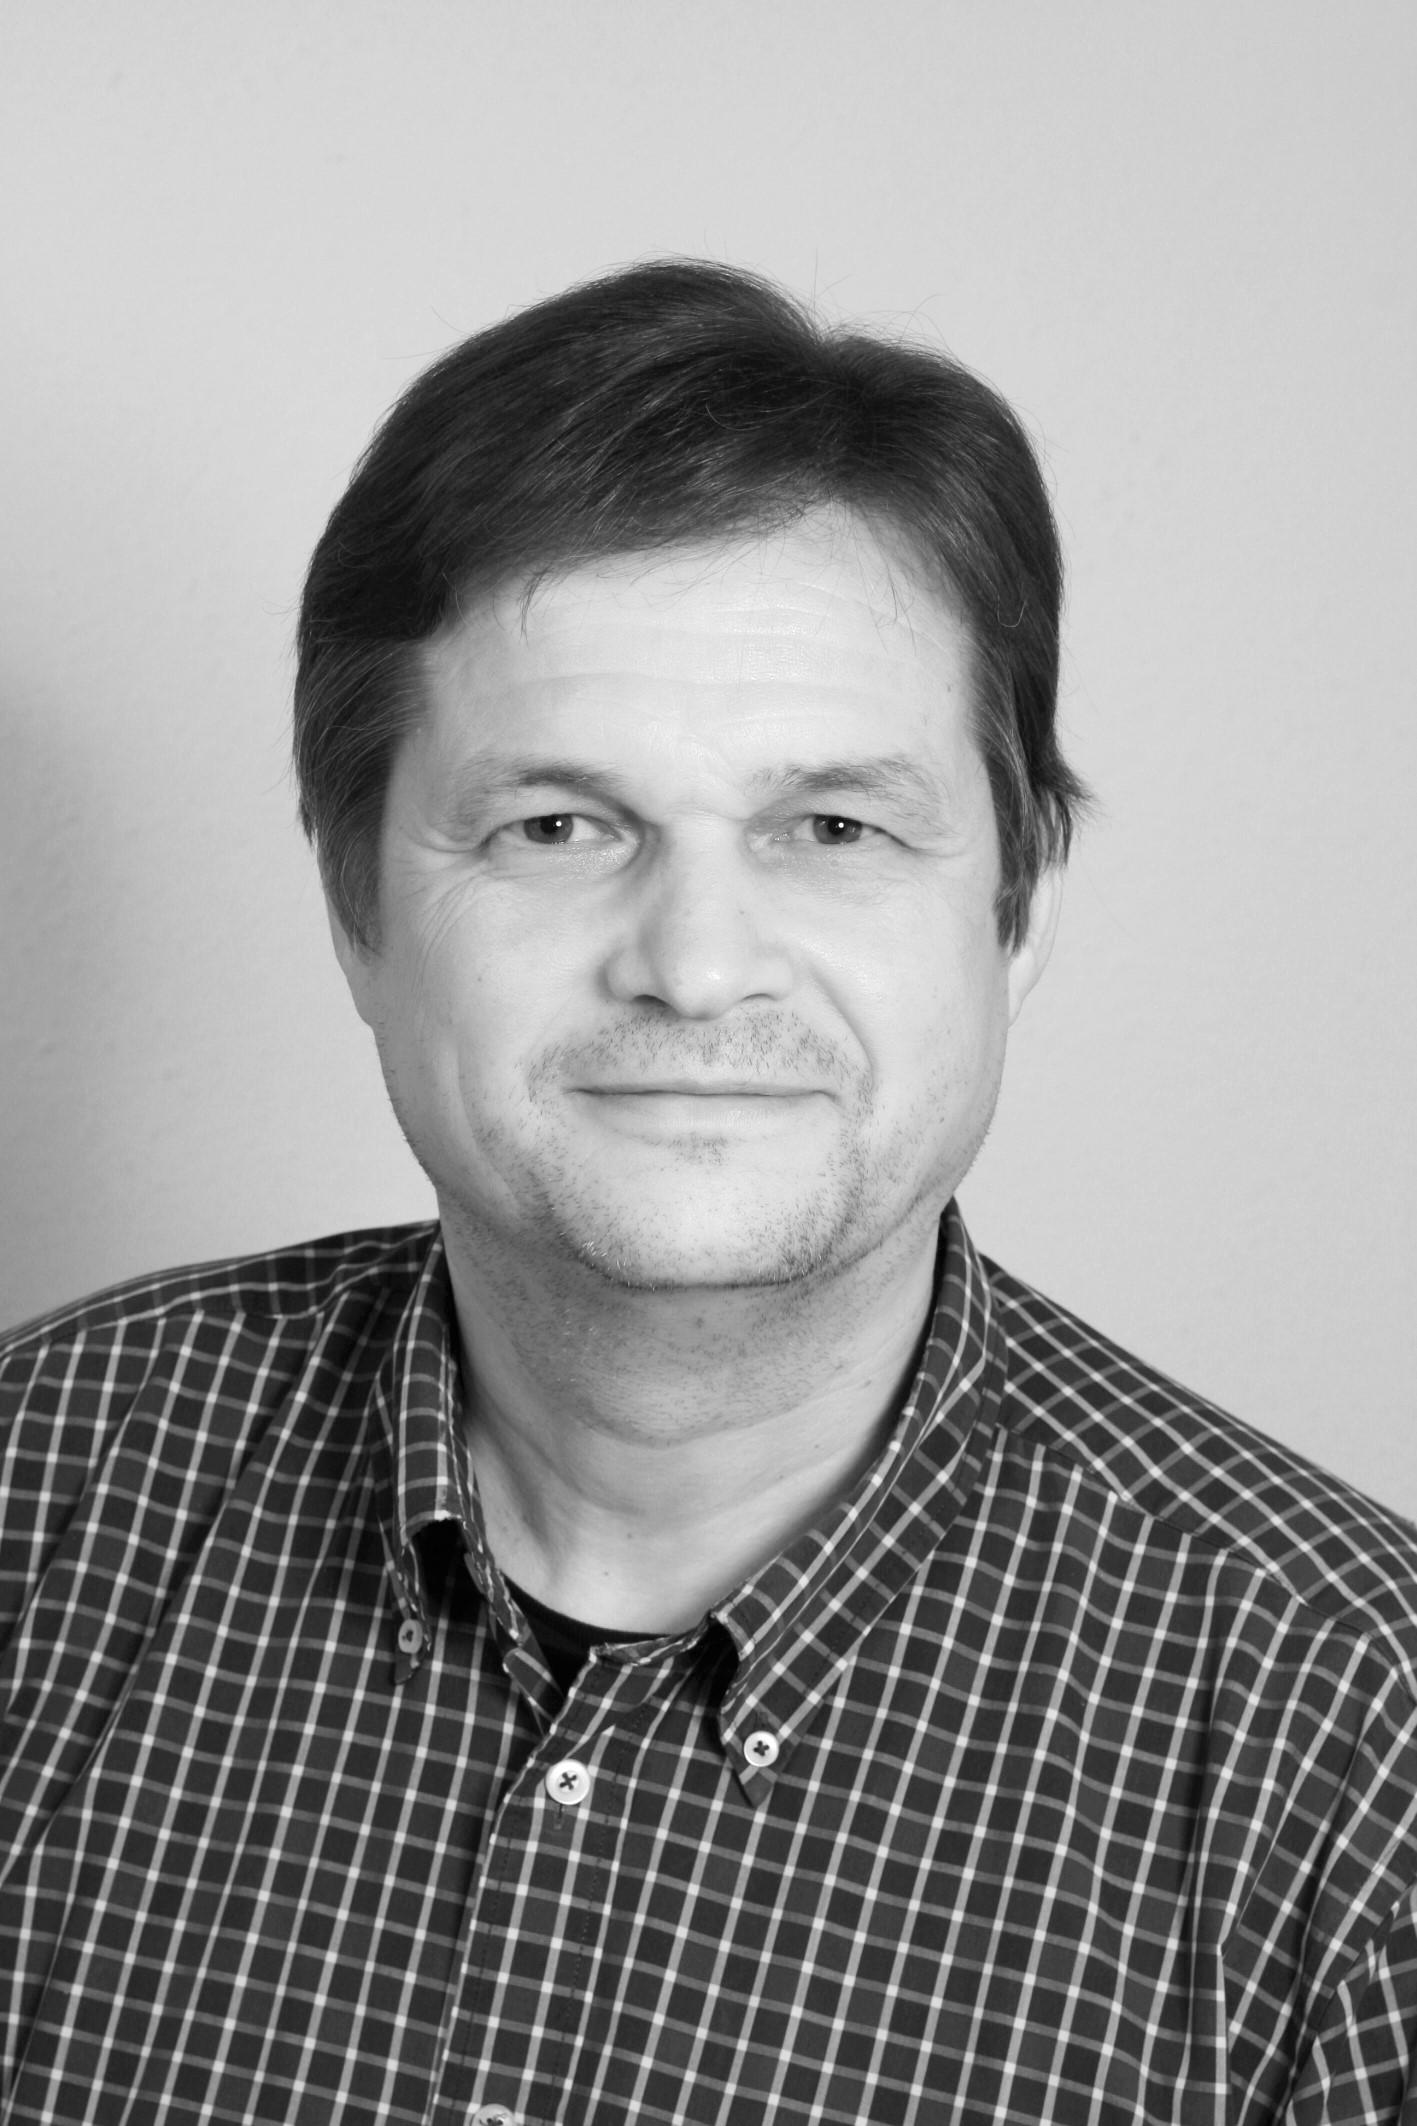 Dr. Heiner Wahl - Diplom-Chemiker und Unternehmensberater